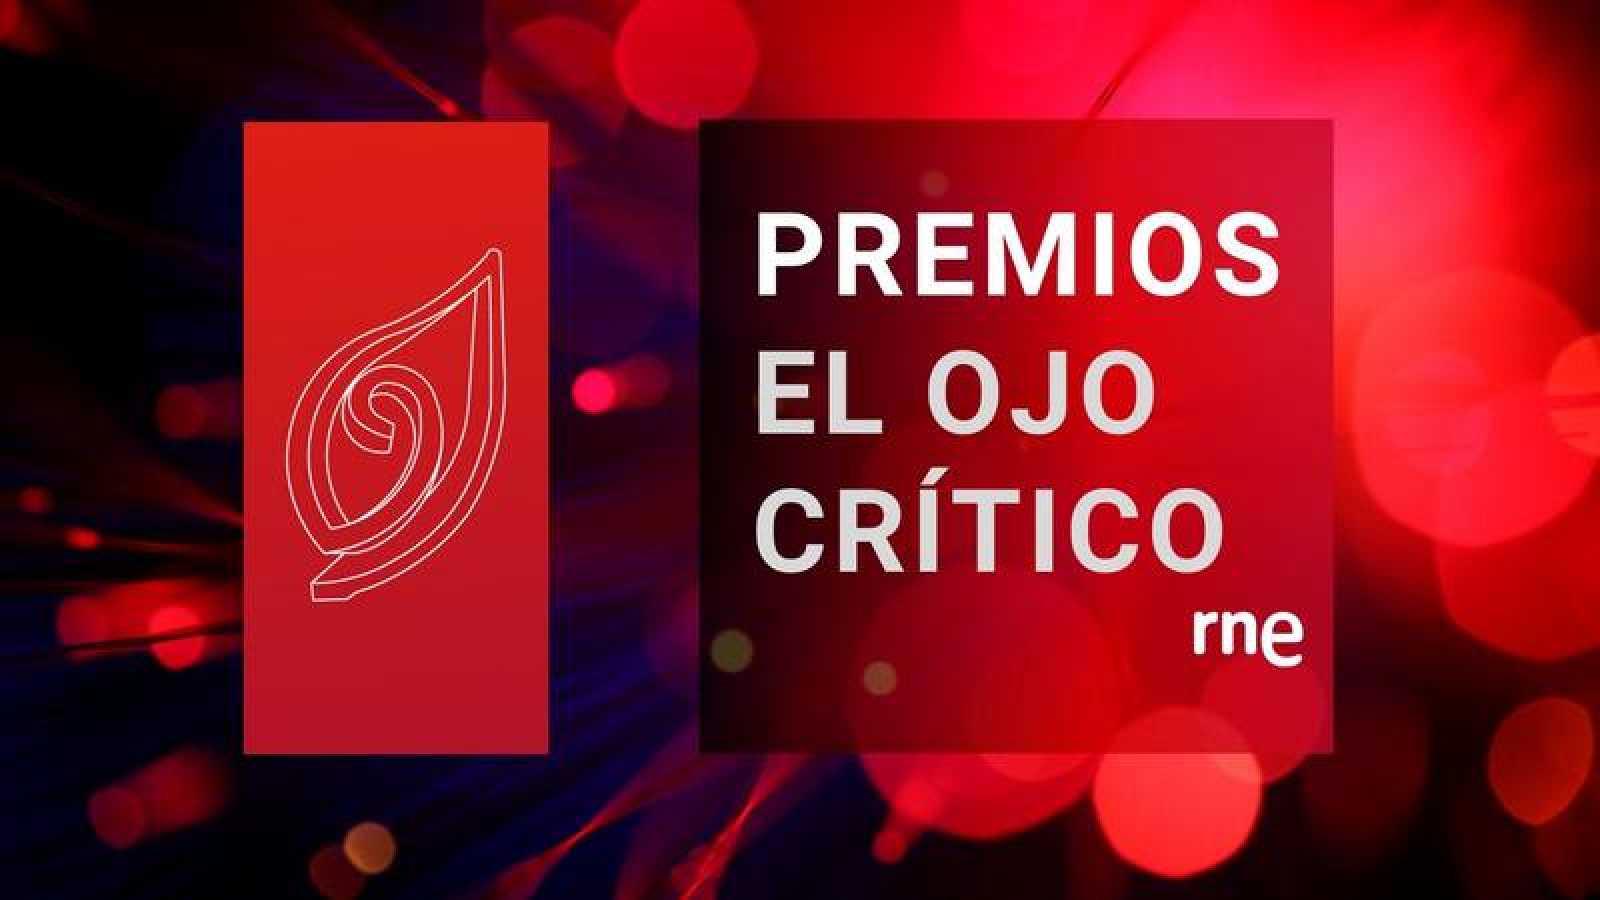 XXX Edición Premios El Ojo Crítico 2019